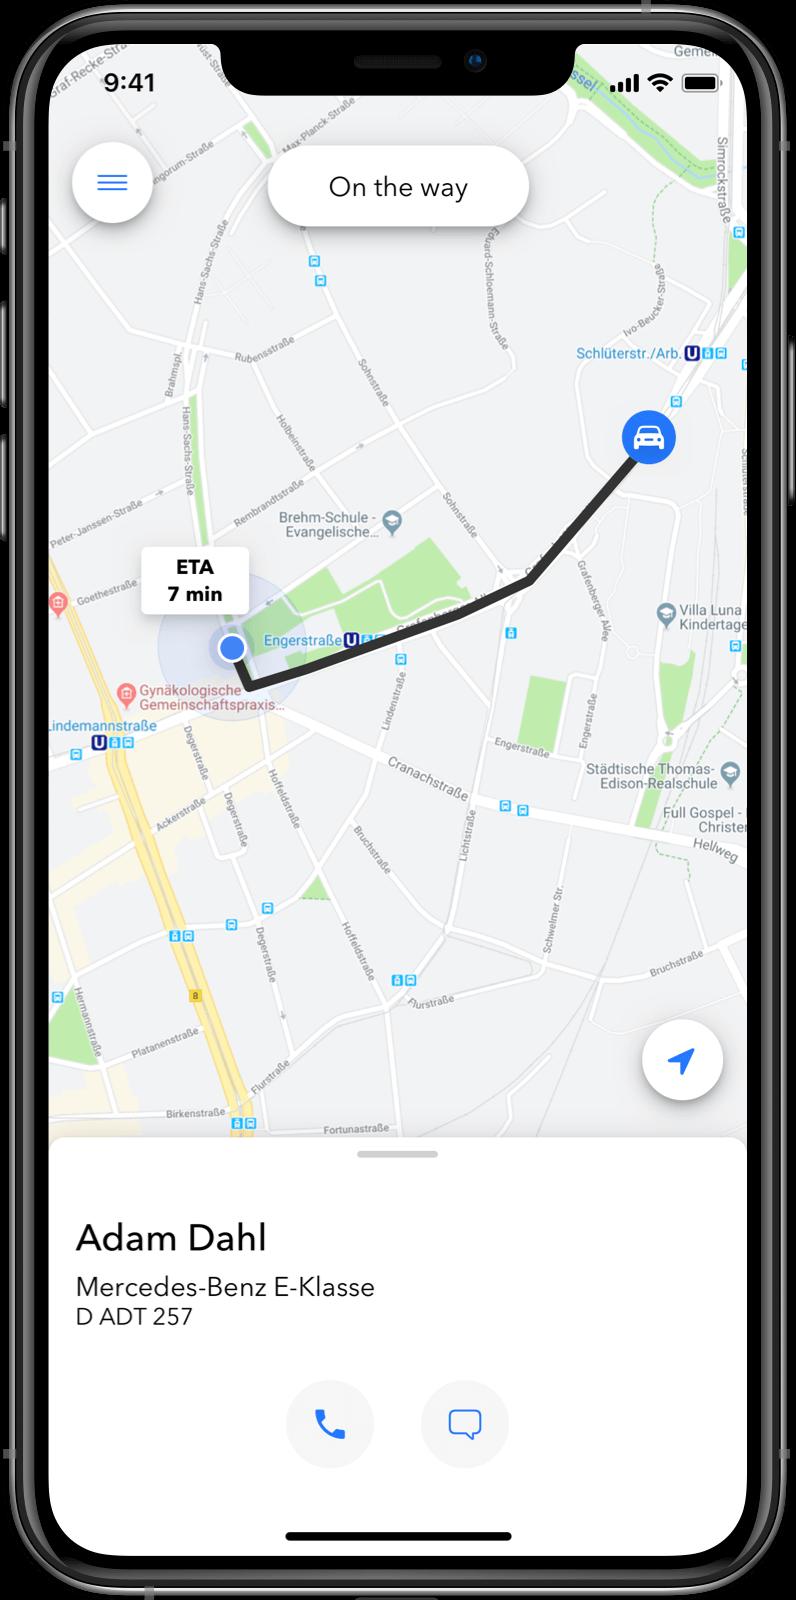 Kunden-App: Live-Tracking auf einer Karte